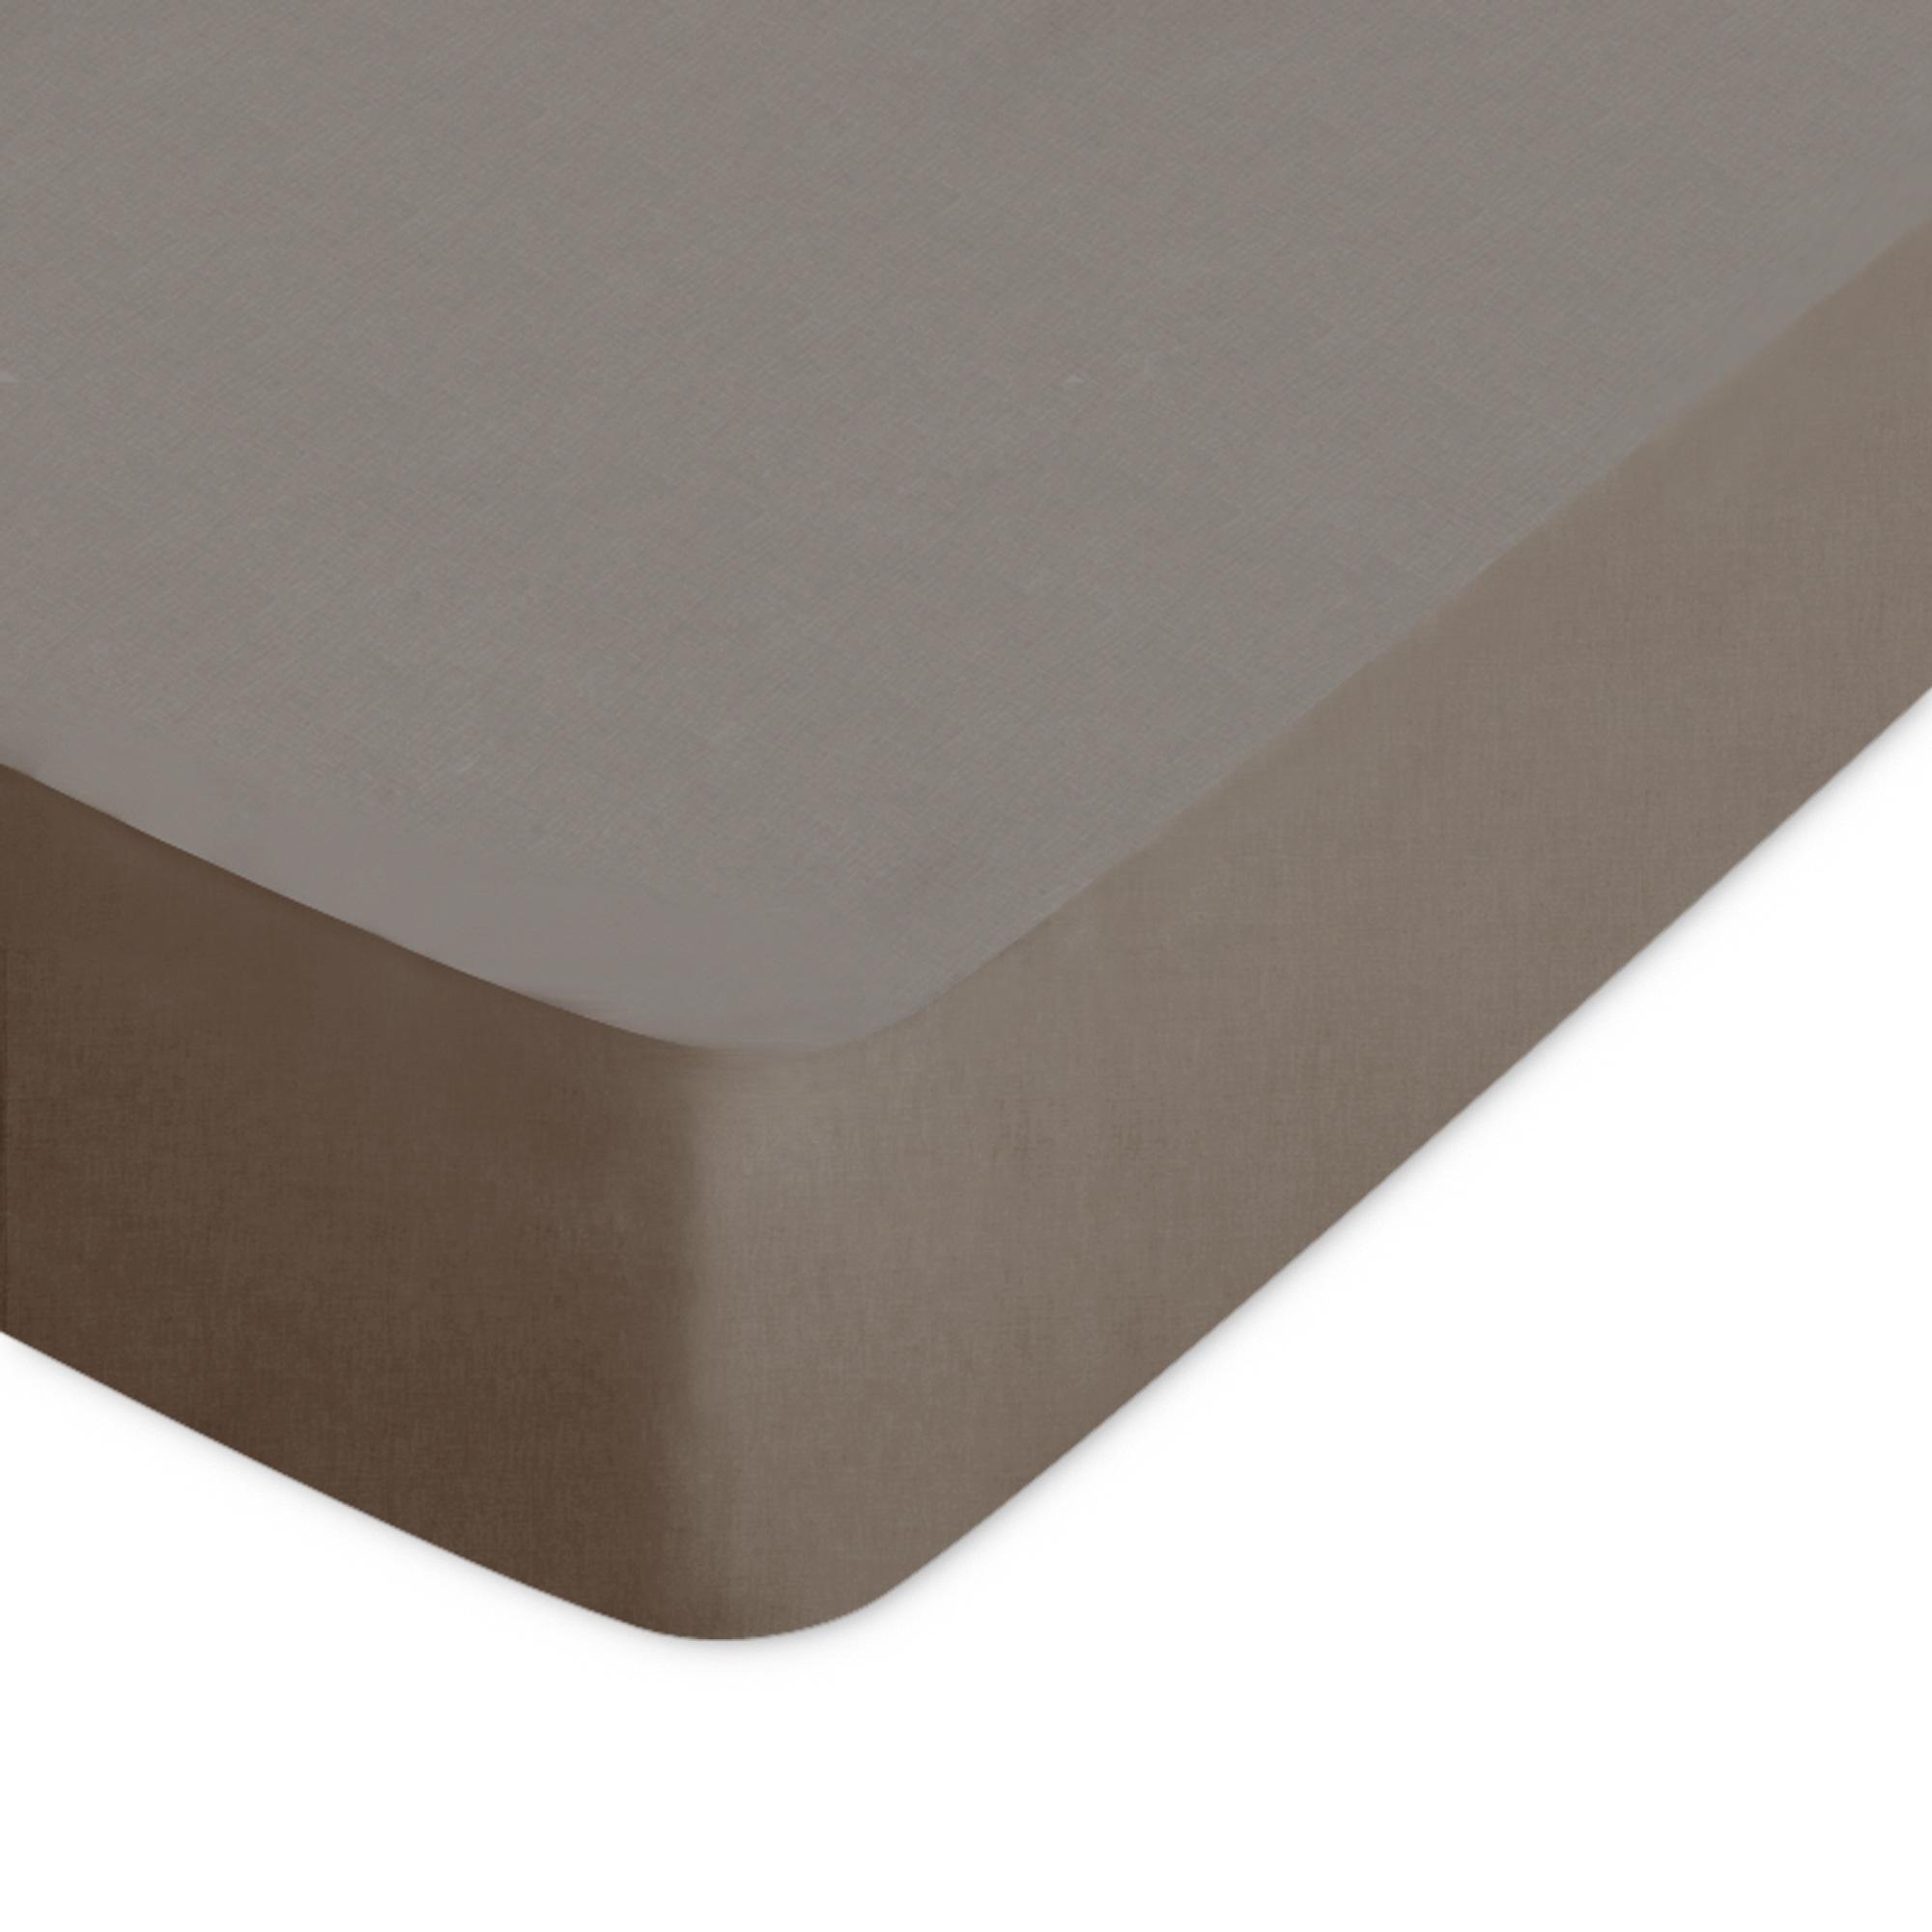 drap housse 80x200cm uni pur coton alto marron muscade linnea linge de maison et. Black Bedroom Furniture Sets. Home Design Ideas